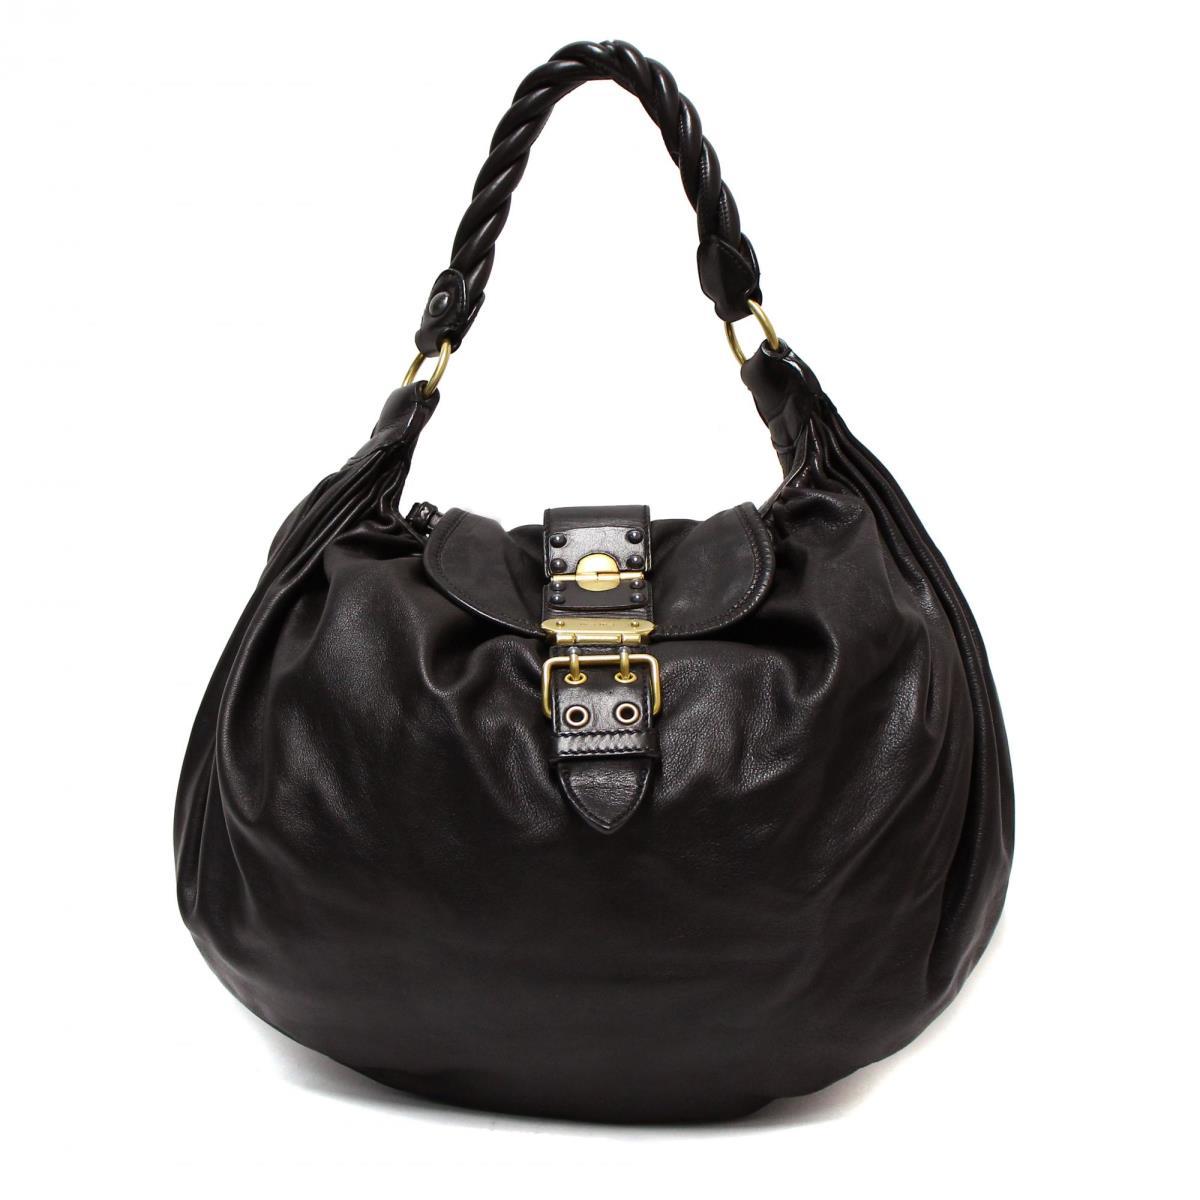 レディースバッグ, ショルダーバッグ・メッセンジャーバッグ miumiu K2911